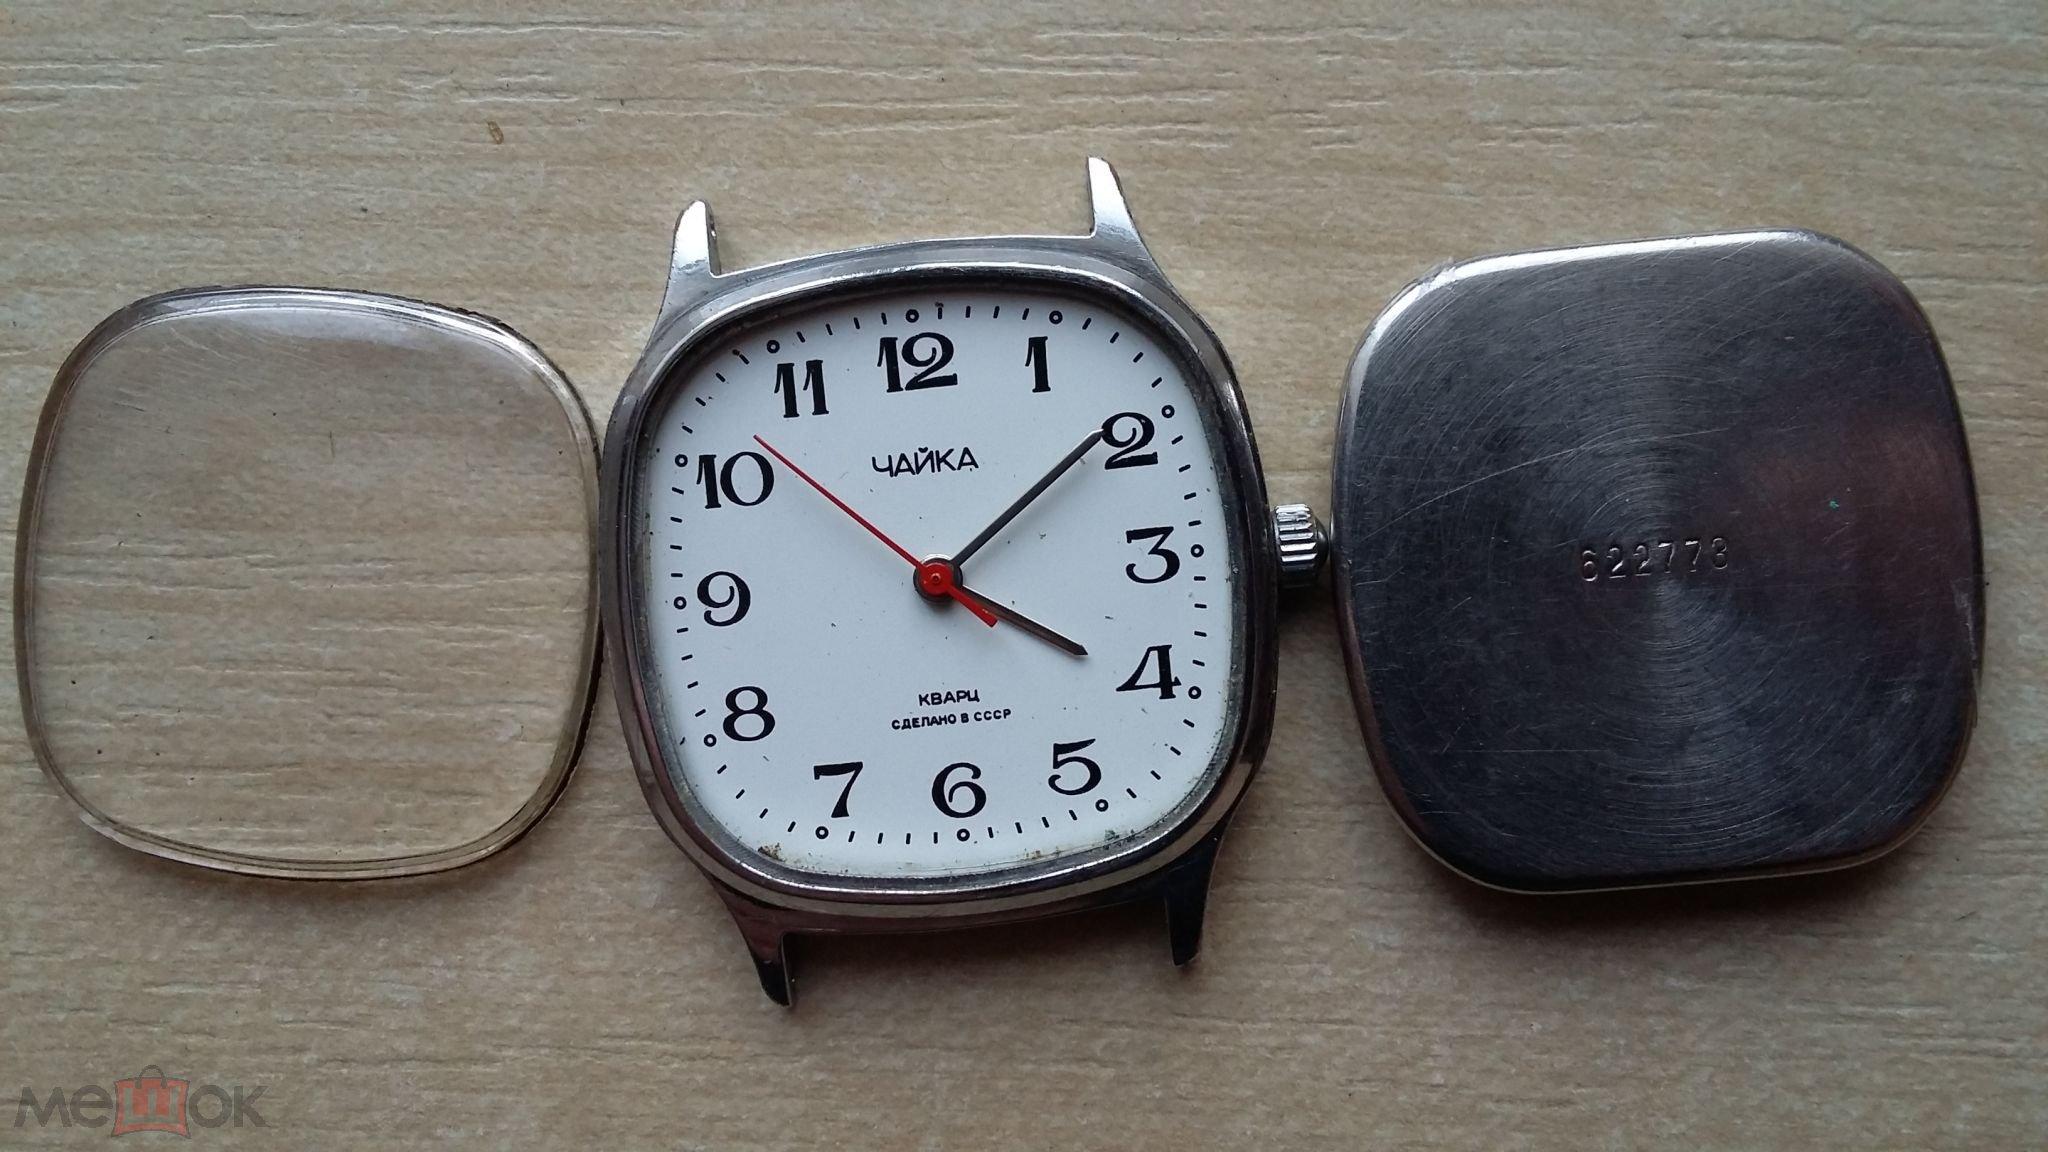 В честь этого исторического события все часы производства угличского часового завода начали выпускаться под маркой.